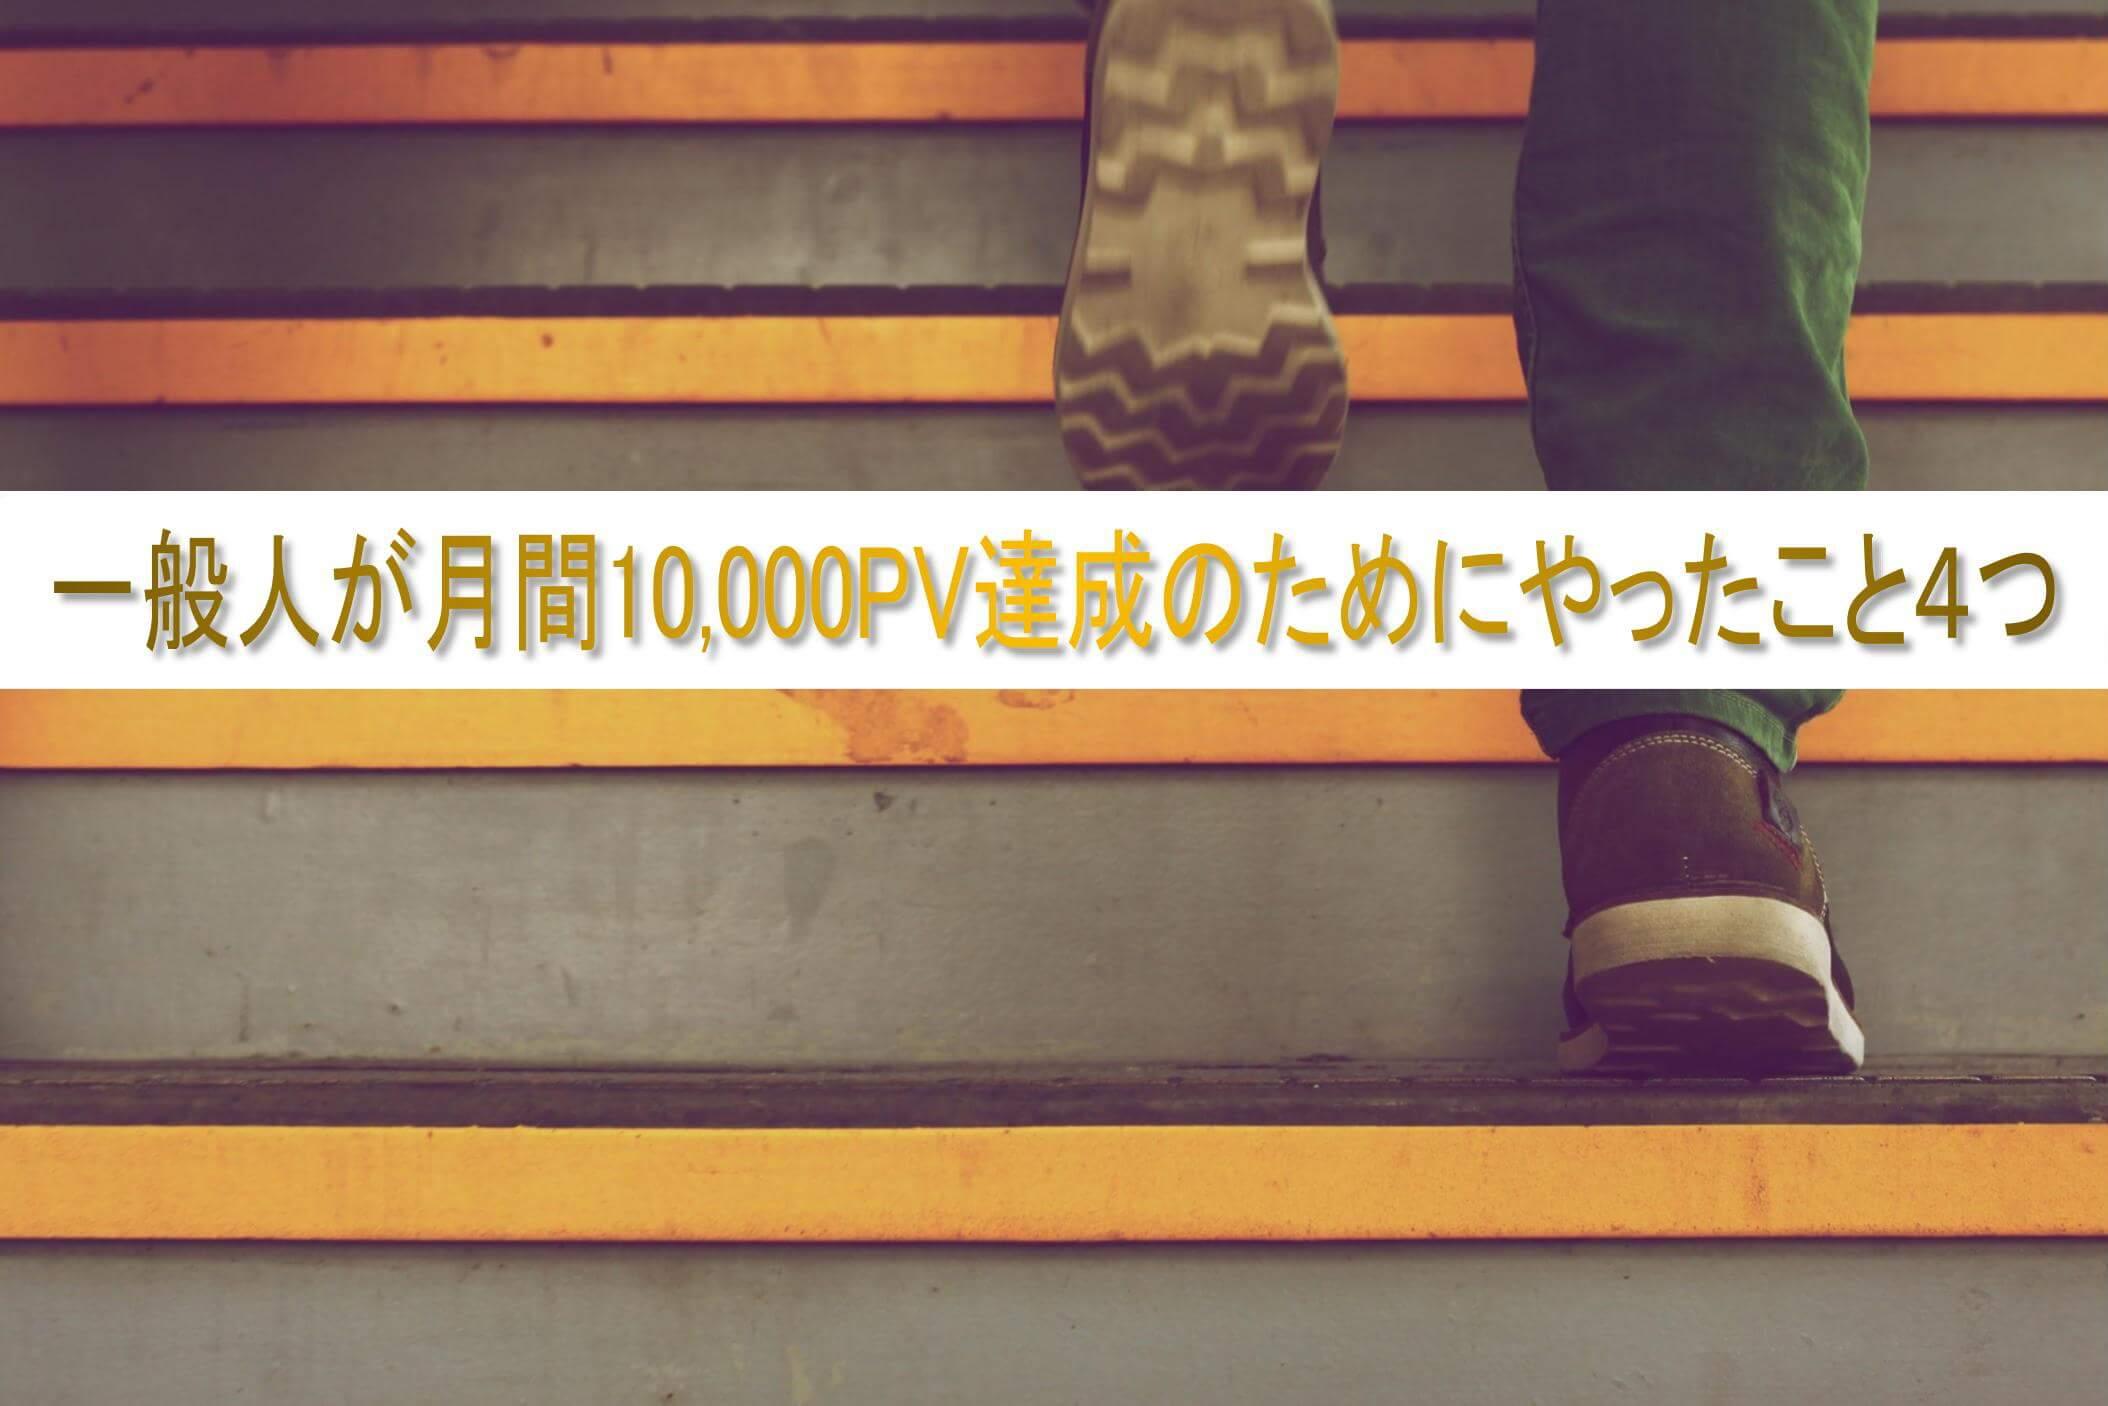 階段を上る人物 テキスト「一般人が月間10,000PV達成のためにやったこと4つ」